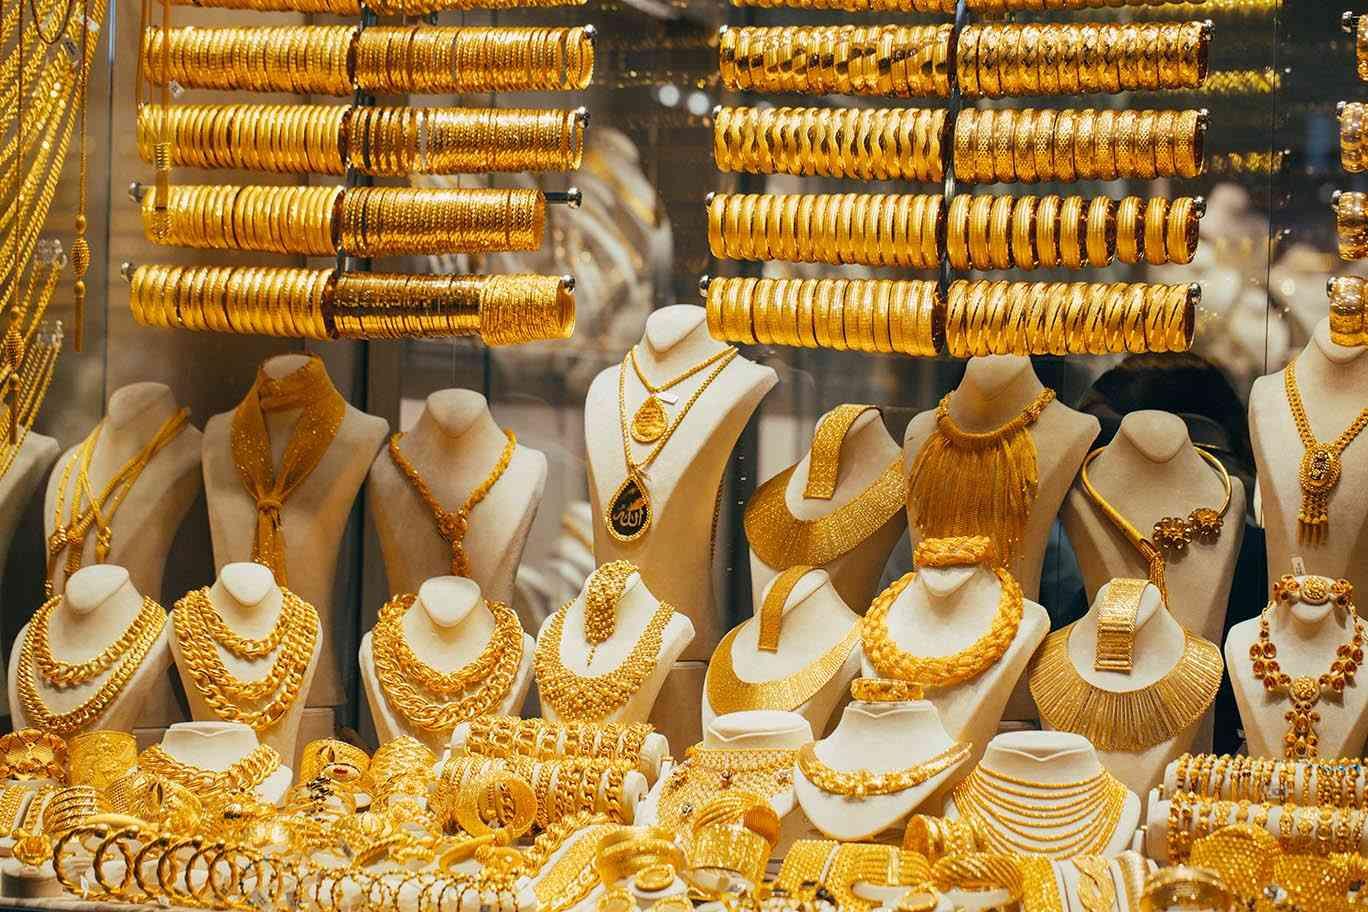 ارتفاع طفيف لأسعار الذهب في سوريا